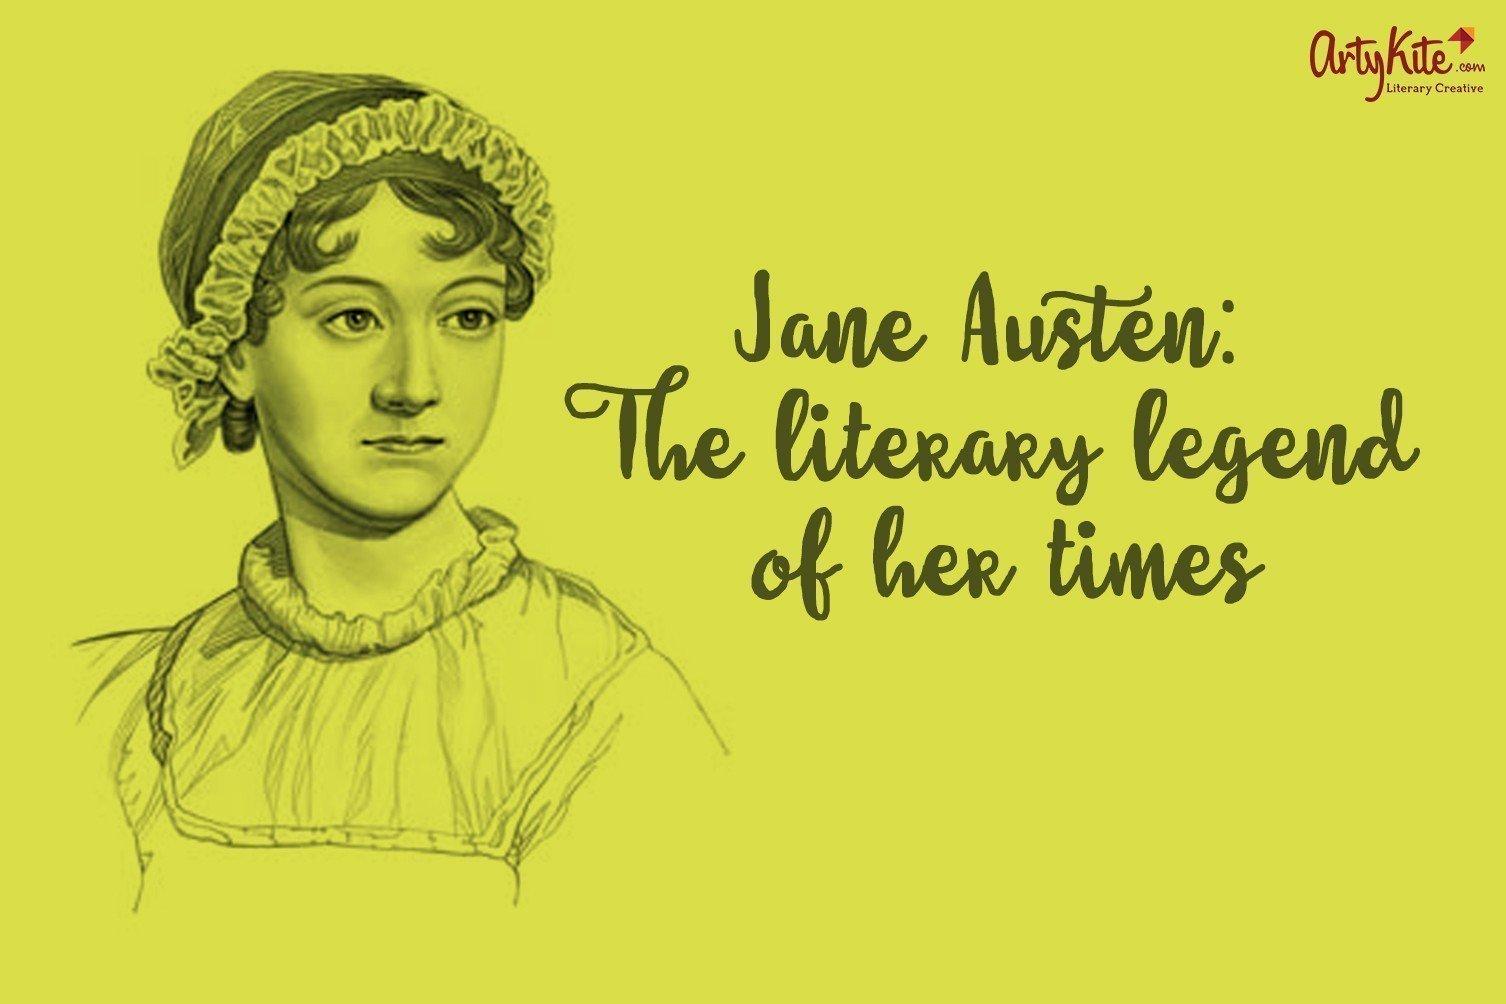 Jane Austen: The literary legend